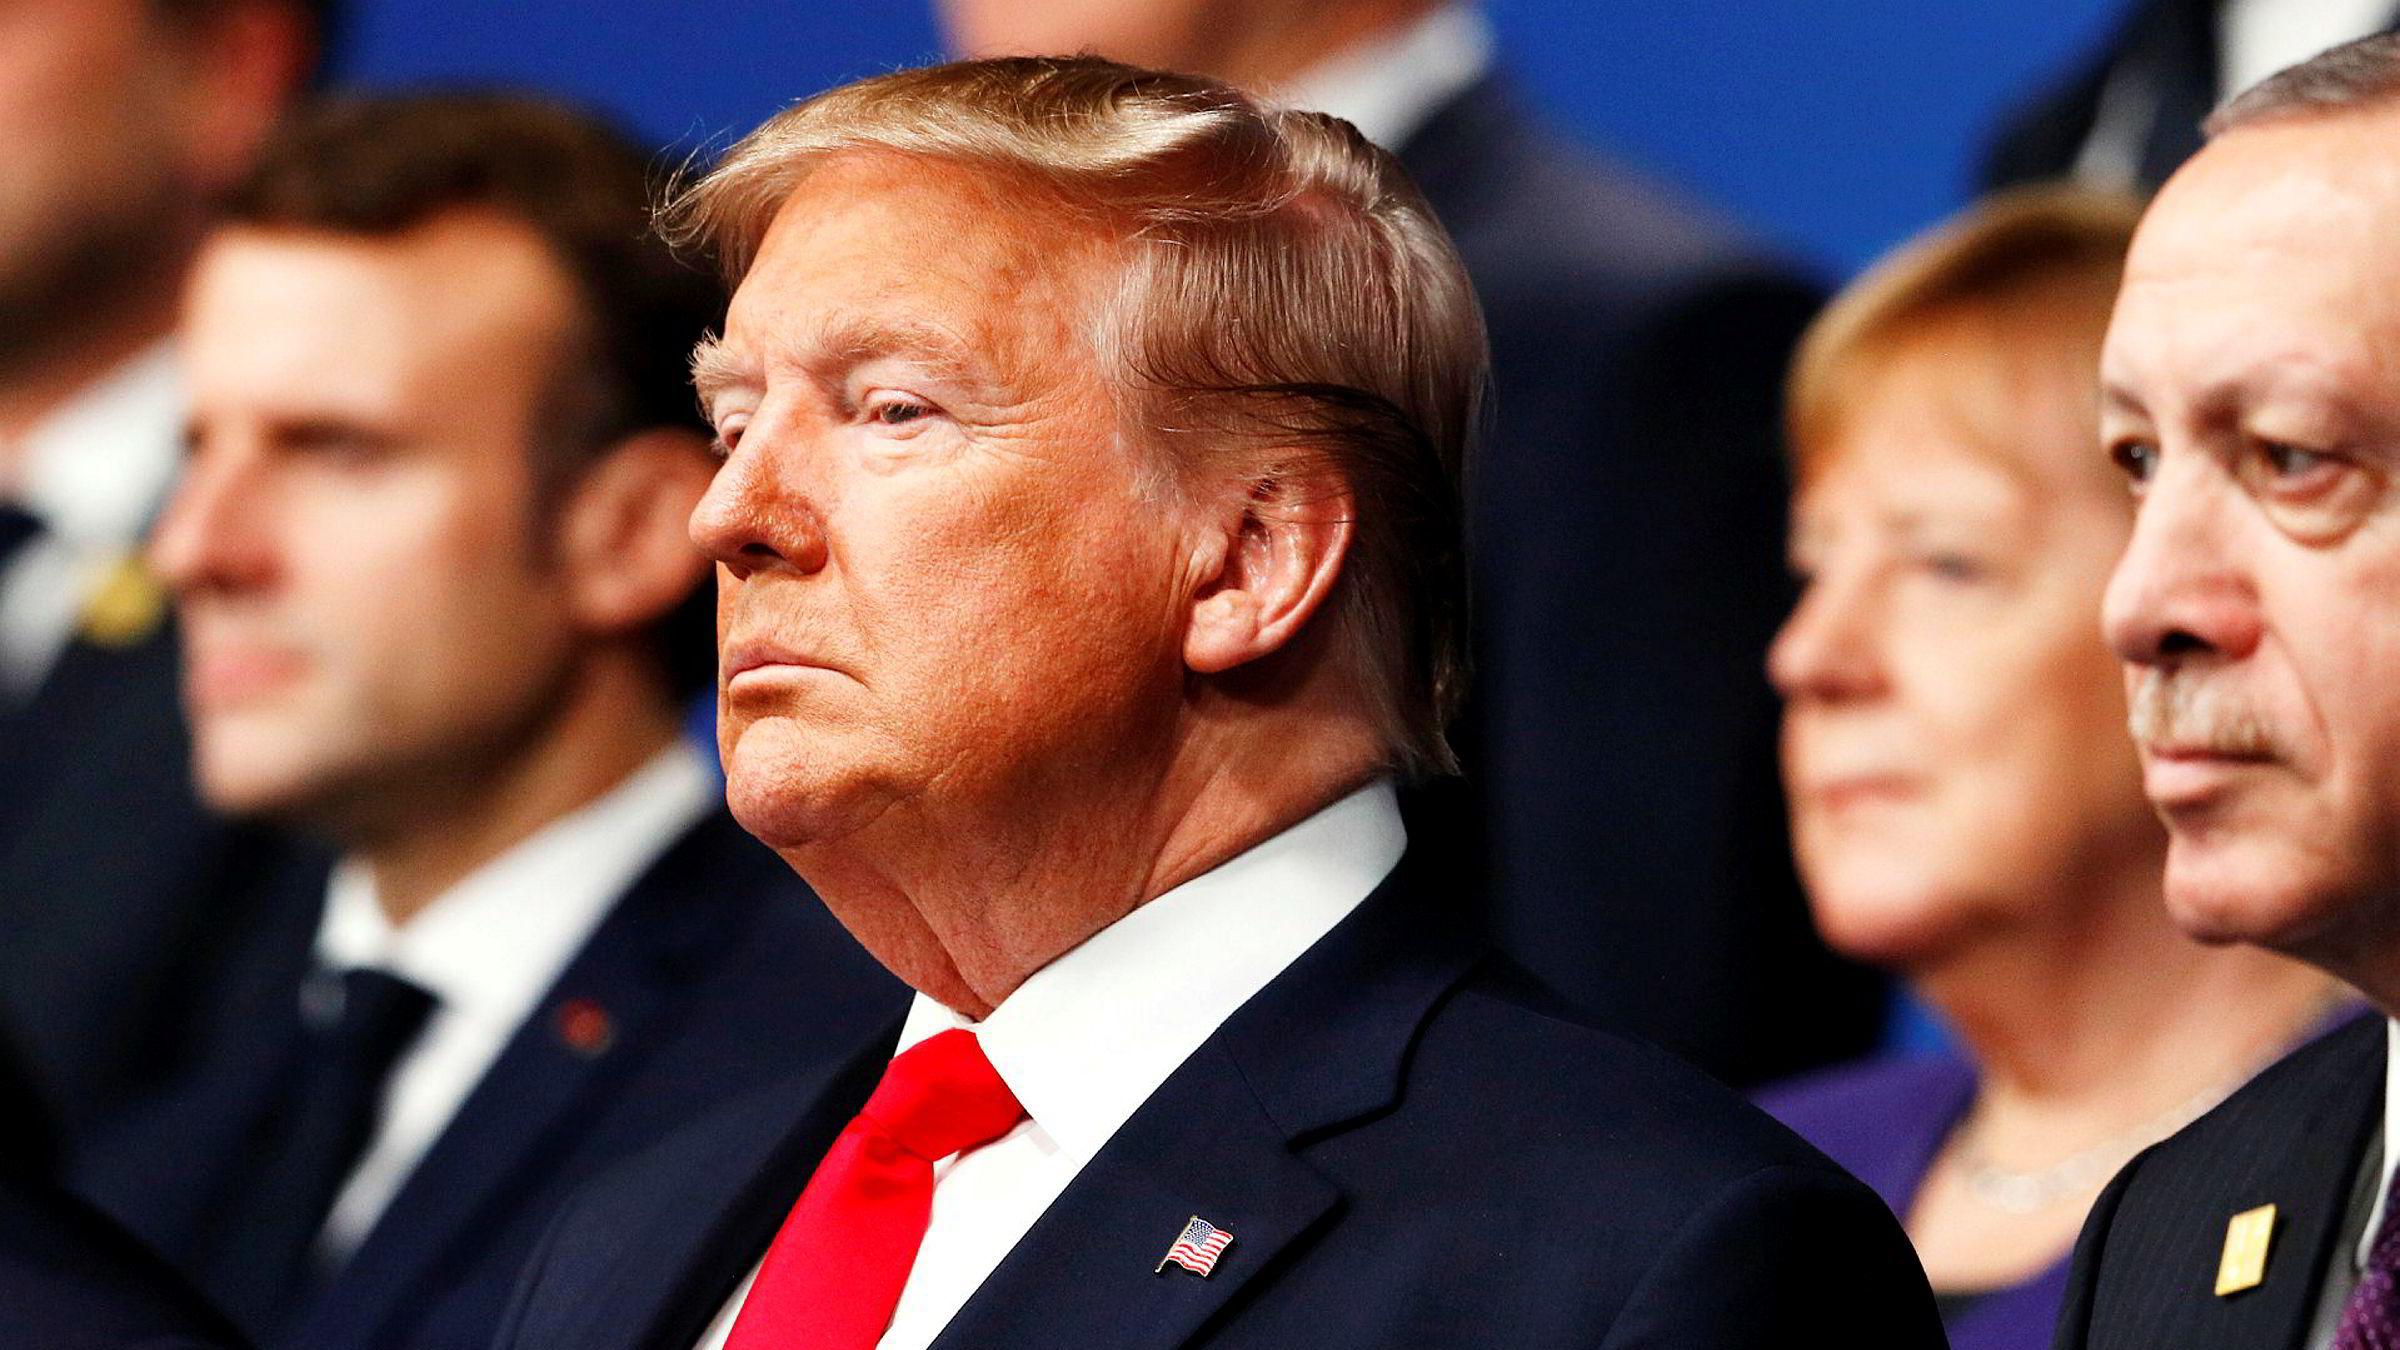 Presidentene Emmanuel Macron, Donald Trump og Recep Tayyip Erdogan satte dagsorden på Natos 70-årsfeiring i London tirsdag og onsdag. Forbundskansler Angela Merkel var også med i bakgrunnen.